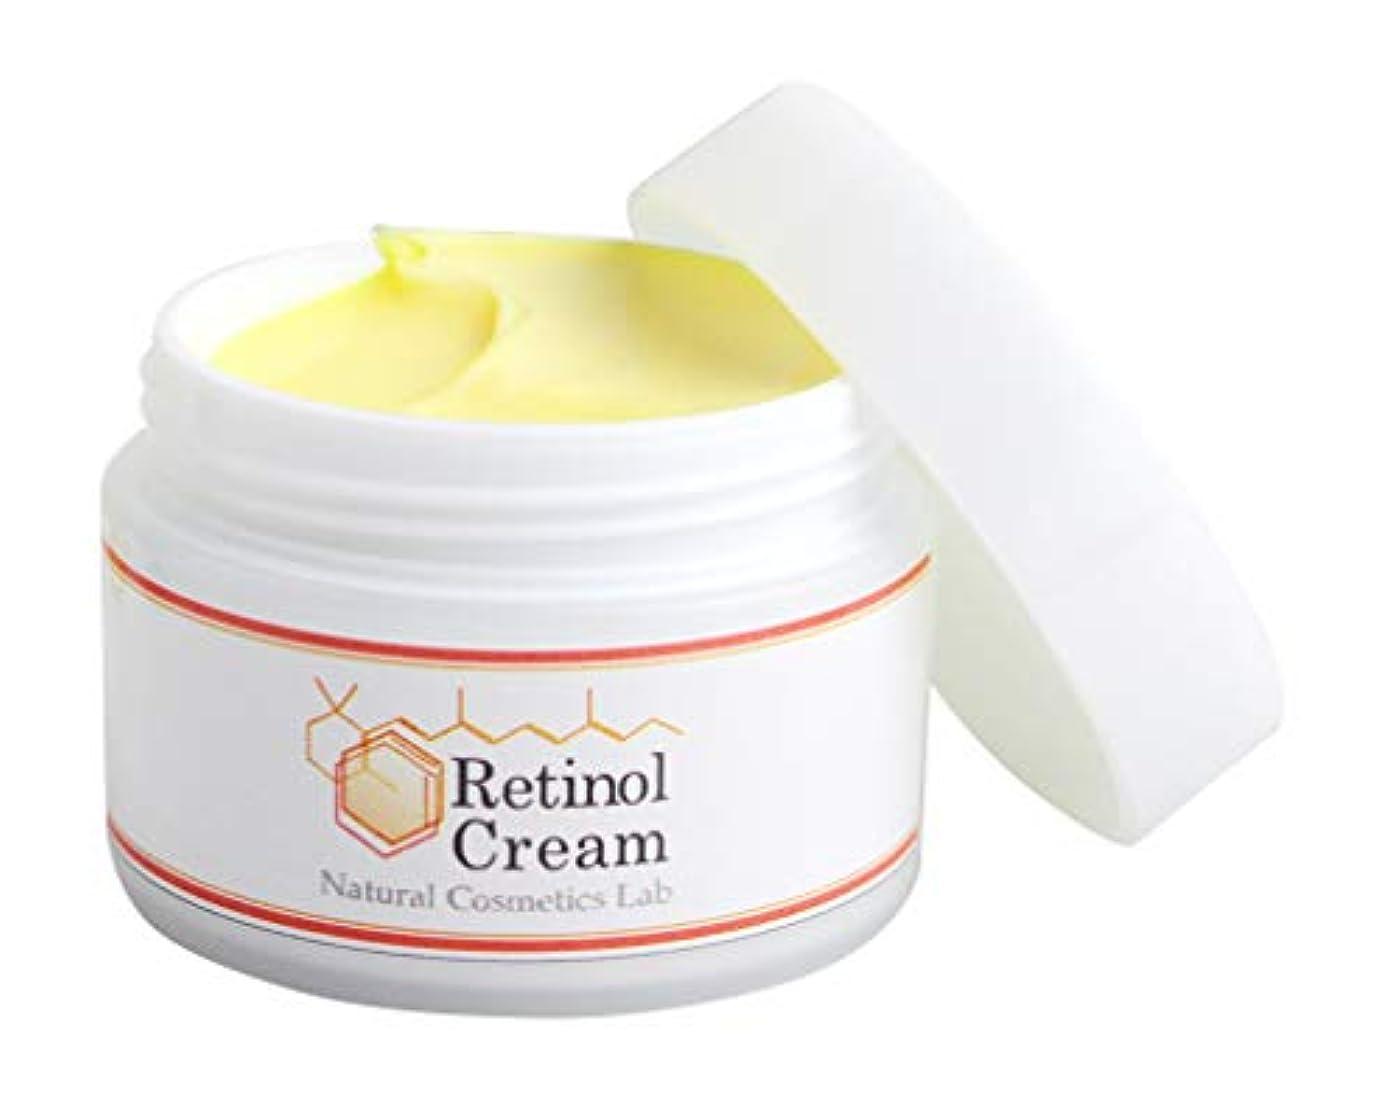 きょうだい意気消沈した石膏自然化粧品研究所 レチノールクリーム 35g